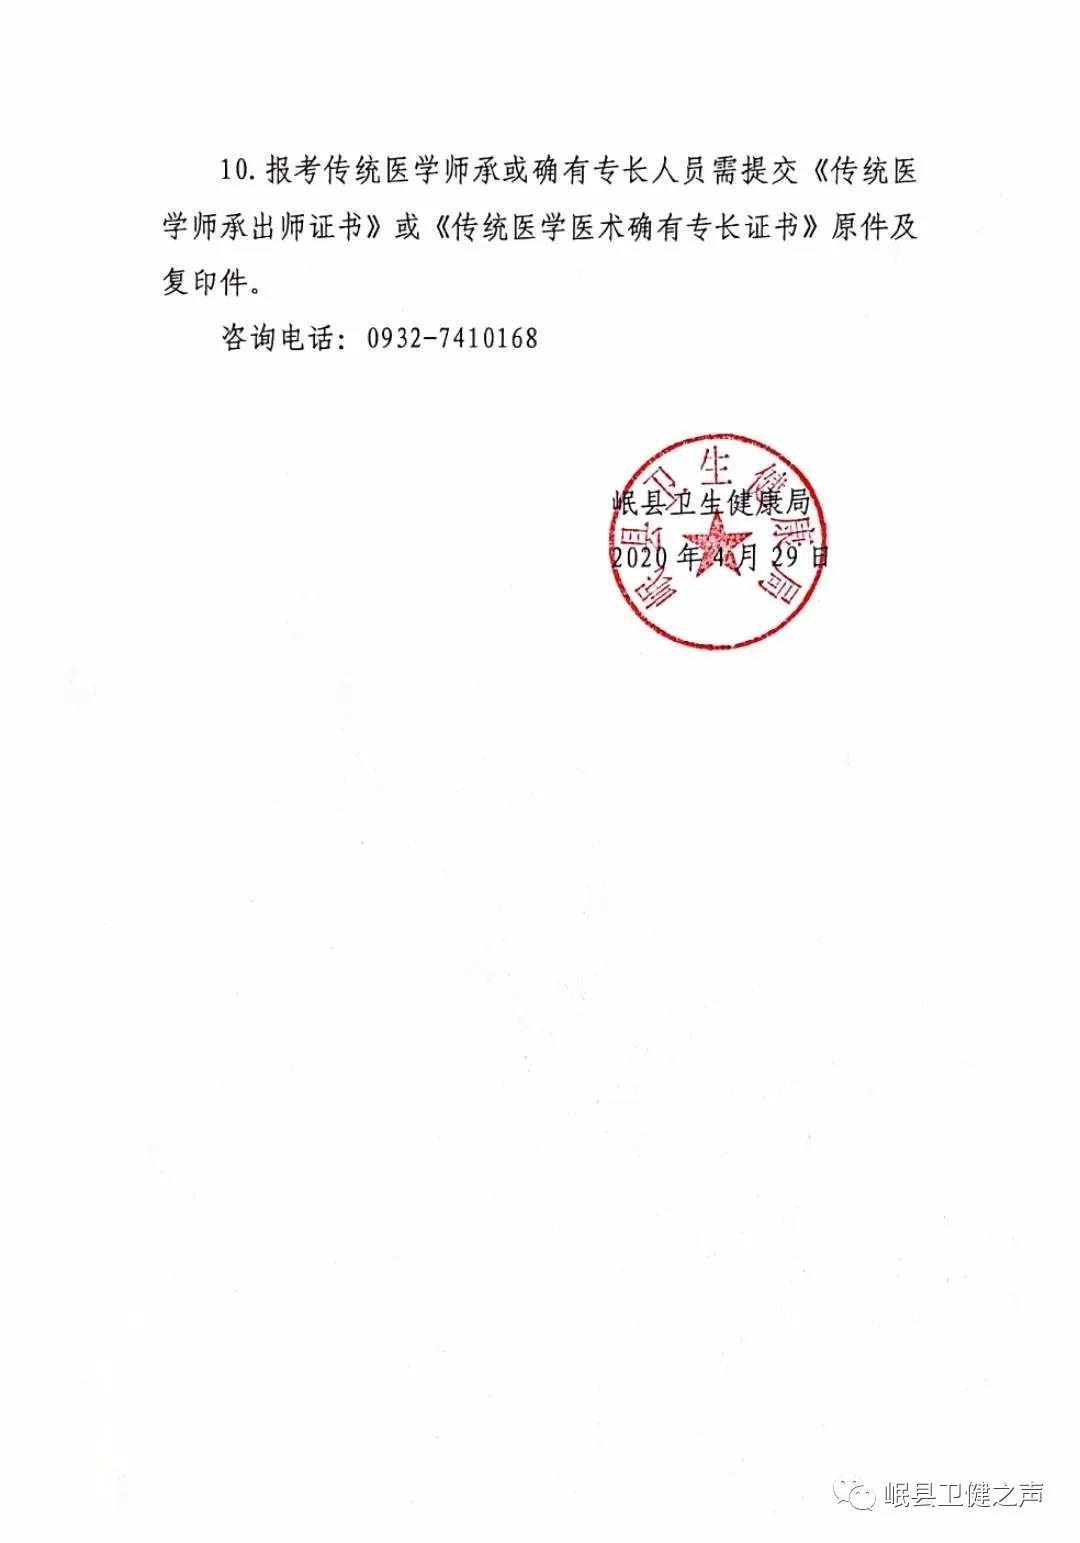 定西岷县2020年度医师资格考试现场审核时间确定